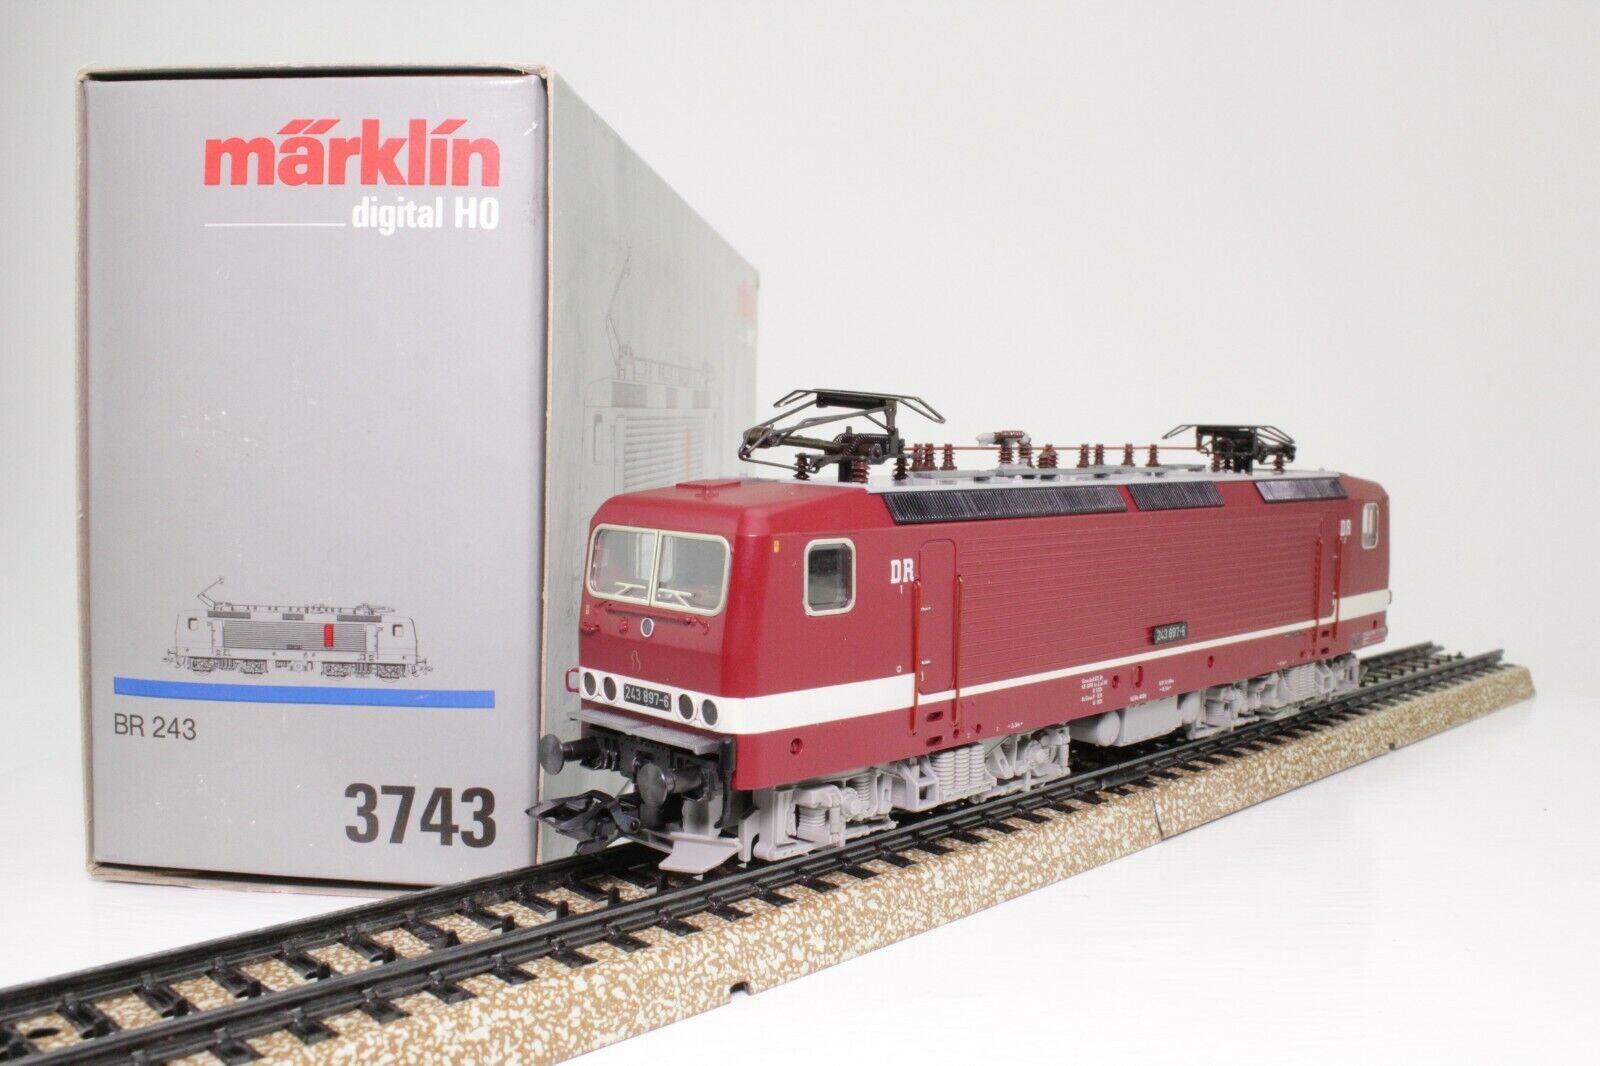 Märklin 3743 h0 E-Lok Elektrolok BR 243 897-6 delle DR AC digitale in scatola originale come nuovo